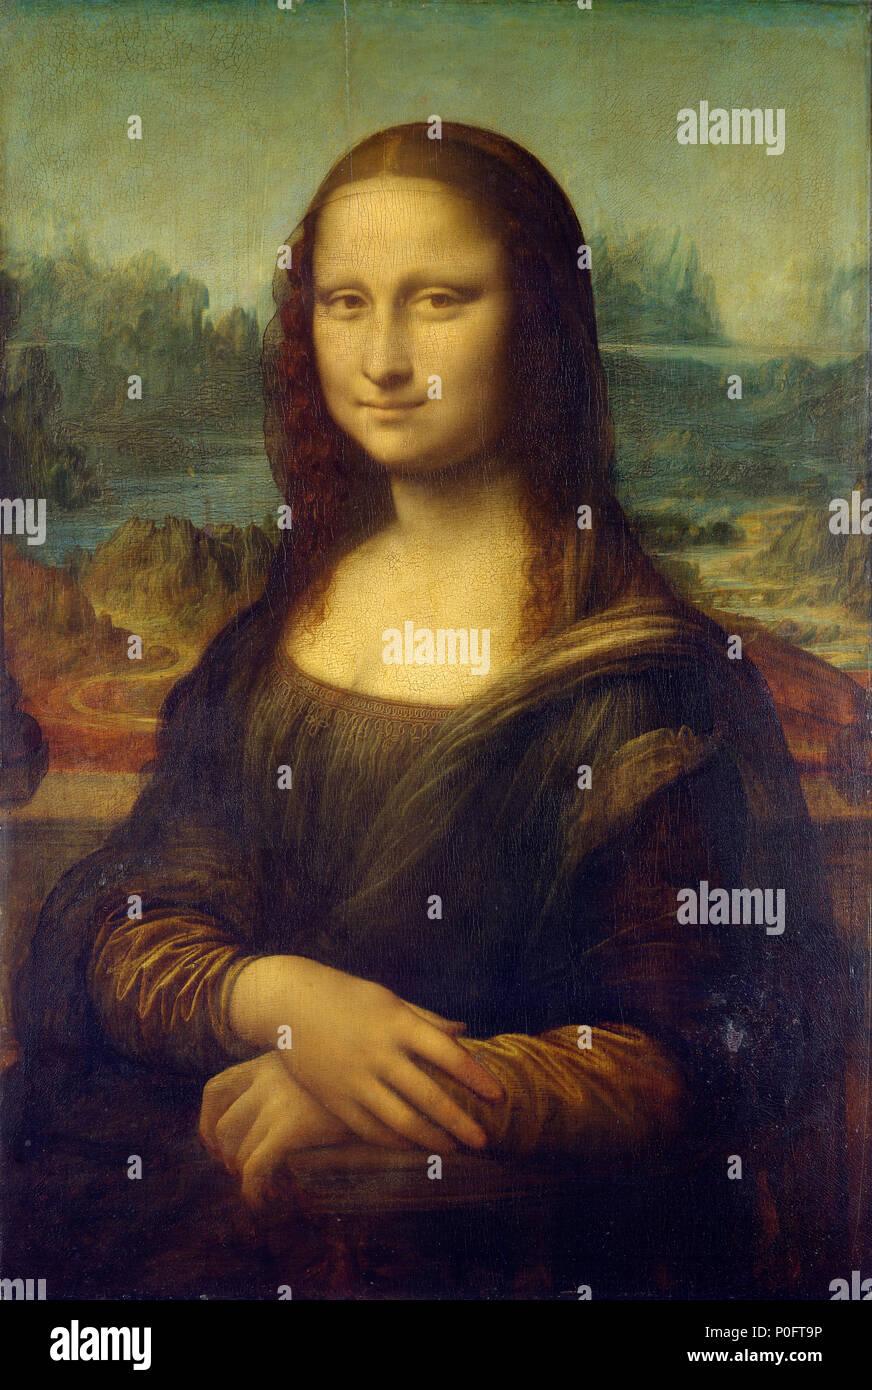 Mona lisas vintage those